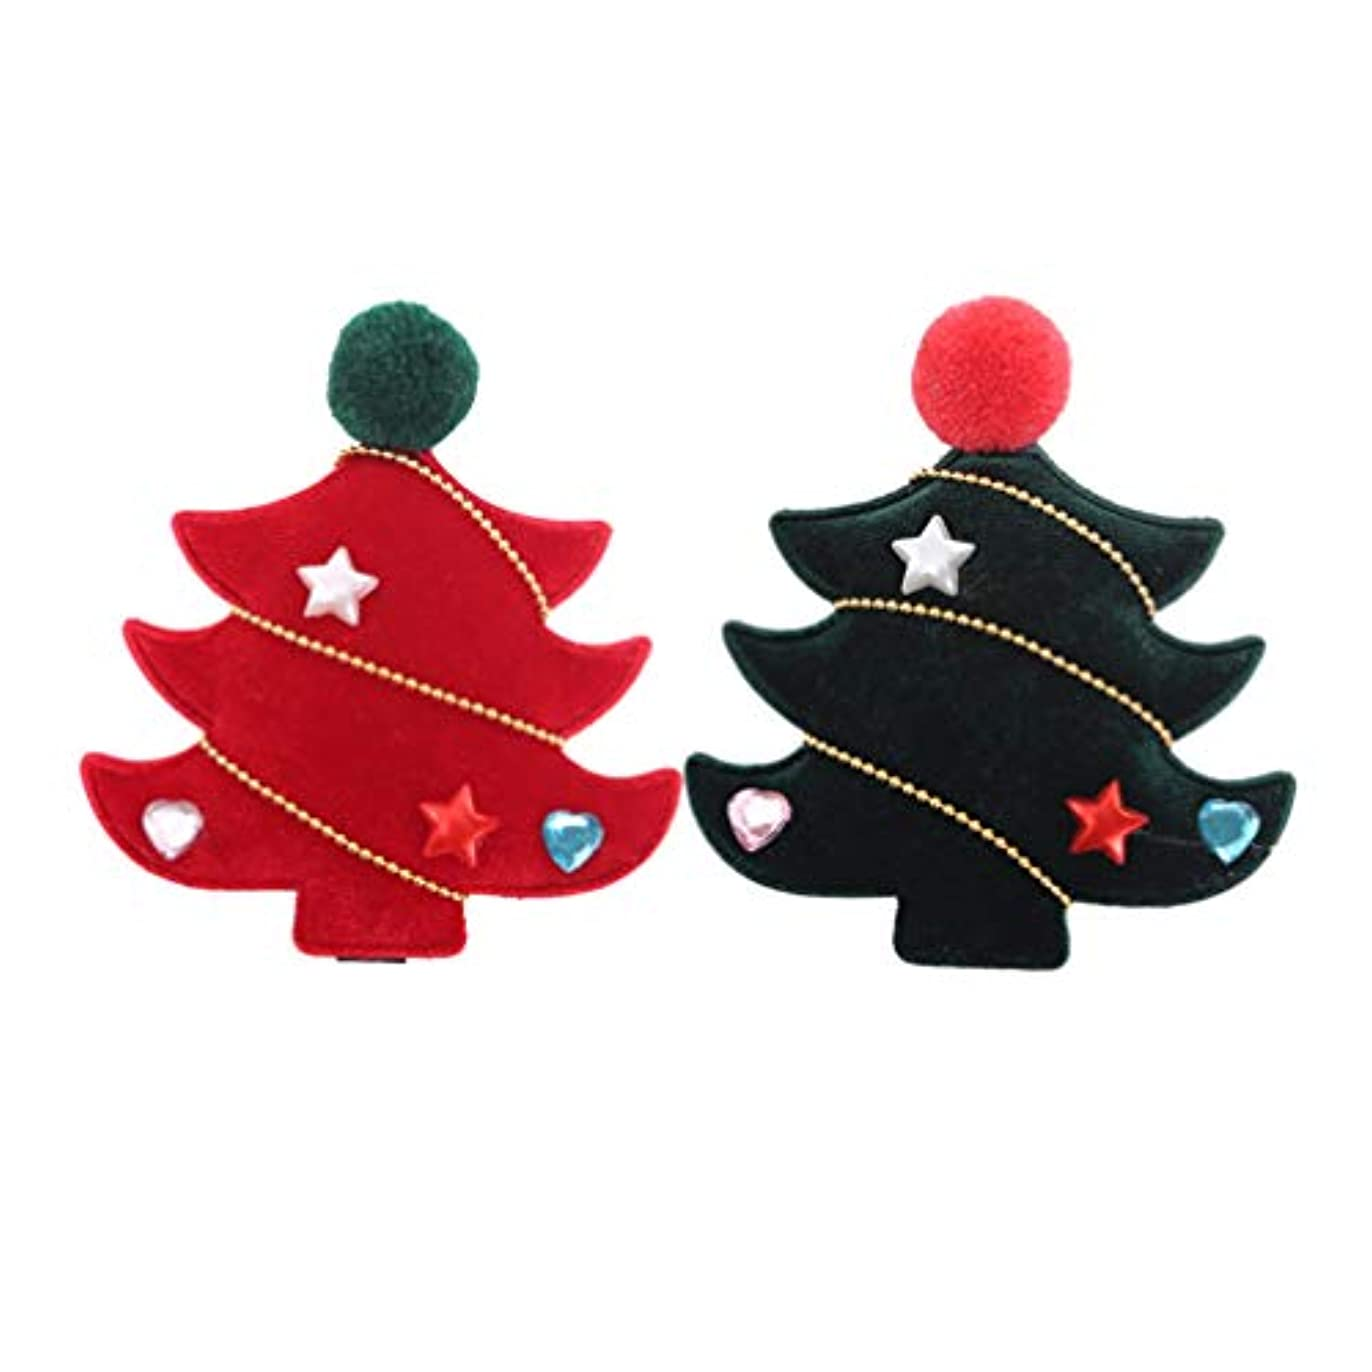 ロッド遺伝子寂しいSUPVOX 4ピースクリスマスツリーヘアクリップフランネルラブリークリスマスツリーヘアピンヘアアクセサリー用女の子キッズ子供